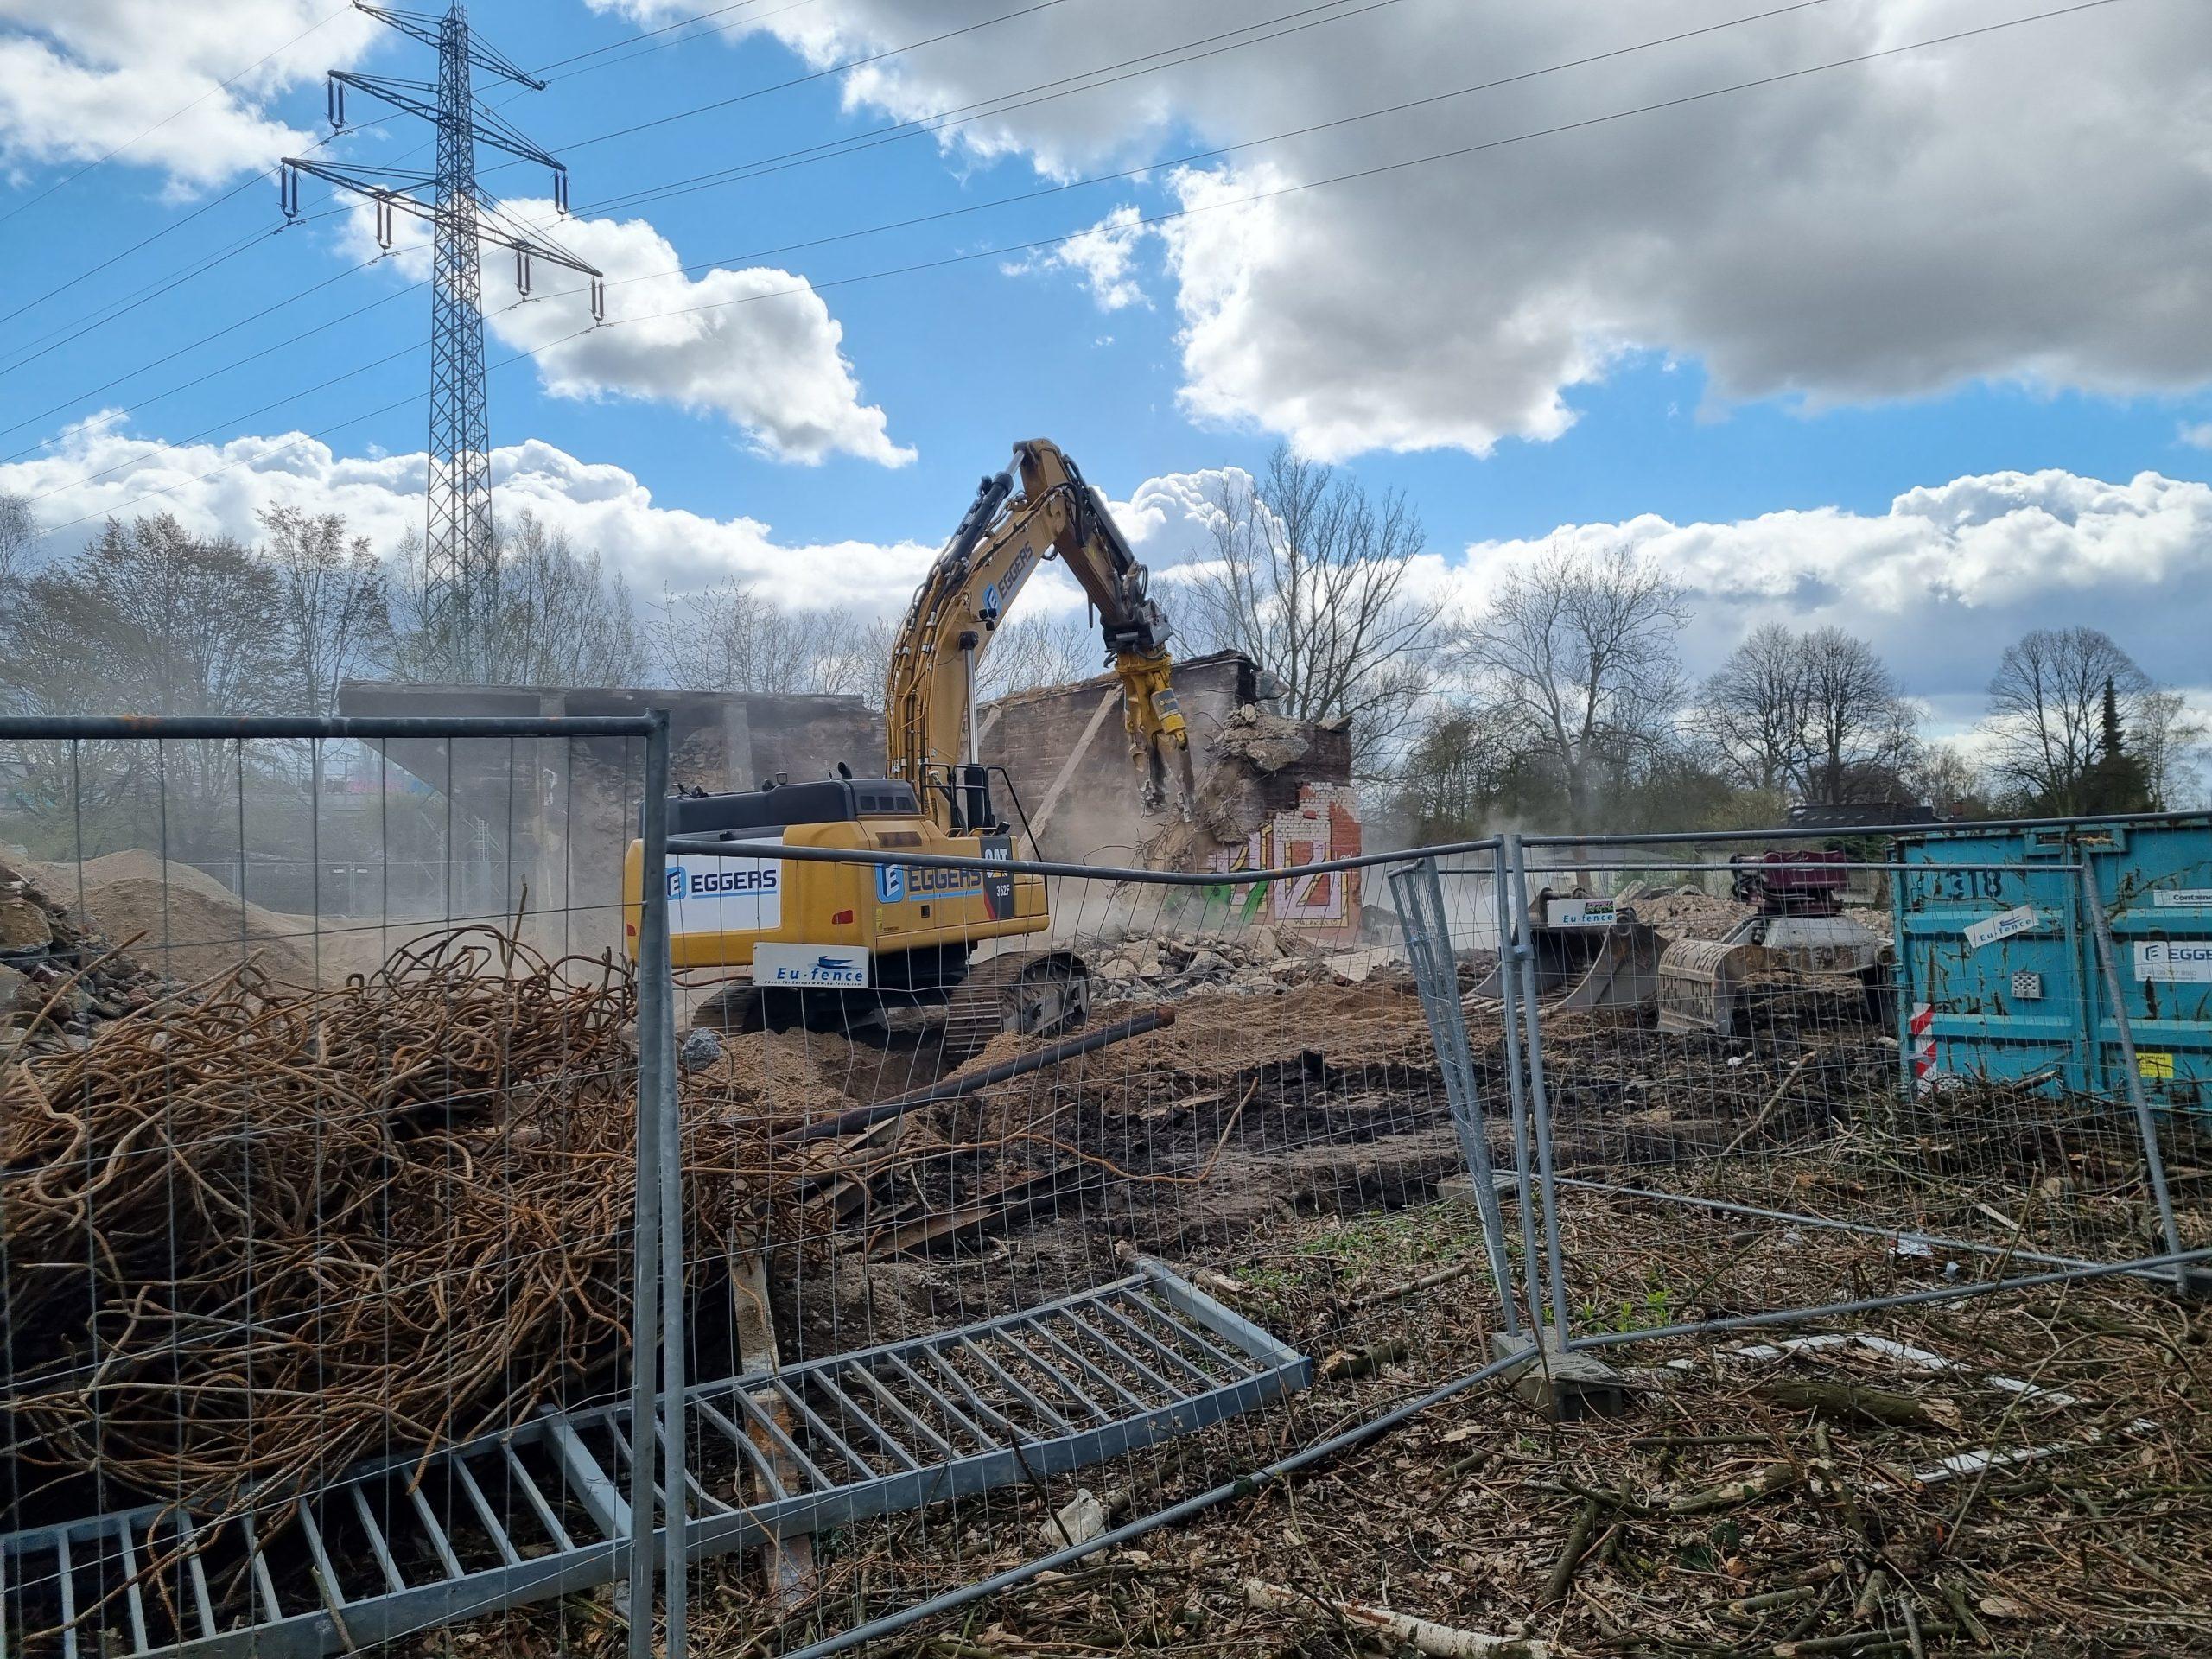 Bis zum Spätsommer sollen die Arbeiten für den Rückbau der Wilhelmsburger Reichsstraße abgeschlossen sein. Die Brücke über den Ernst-August-Kanal steht bereits nicht mehr. Foto: au